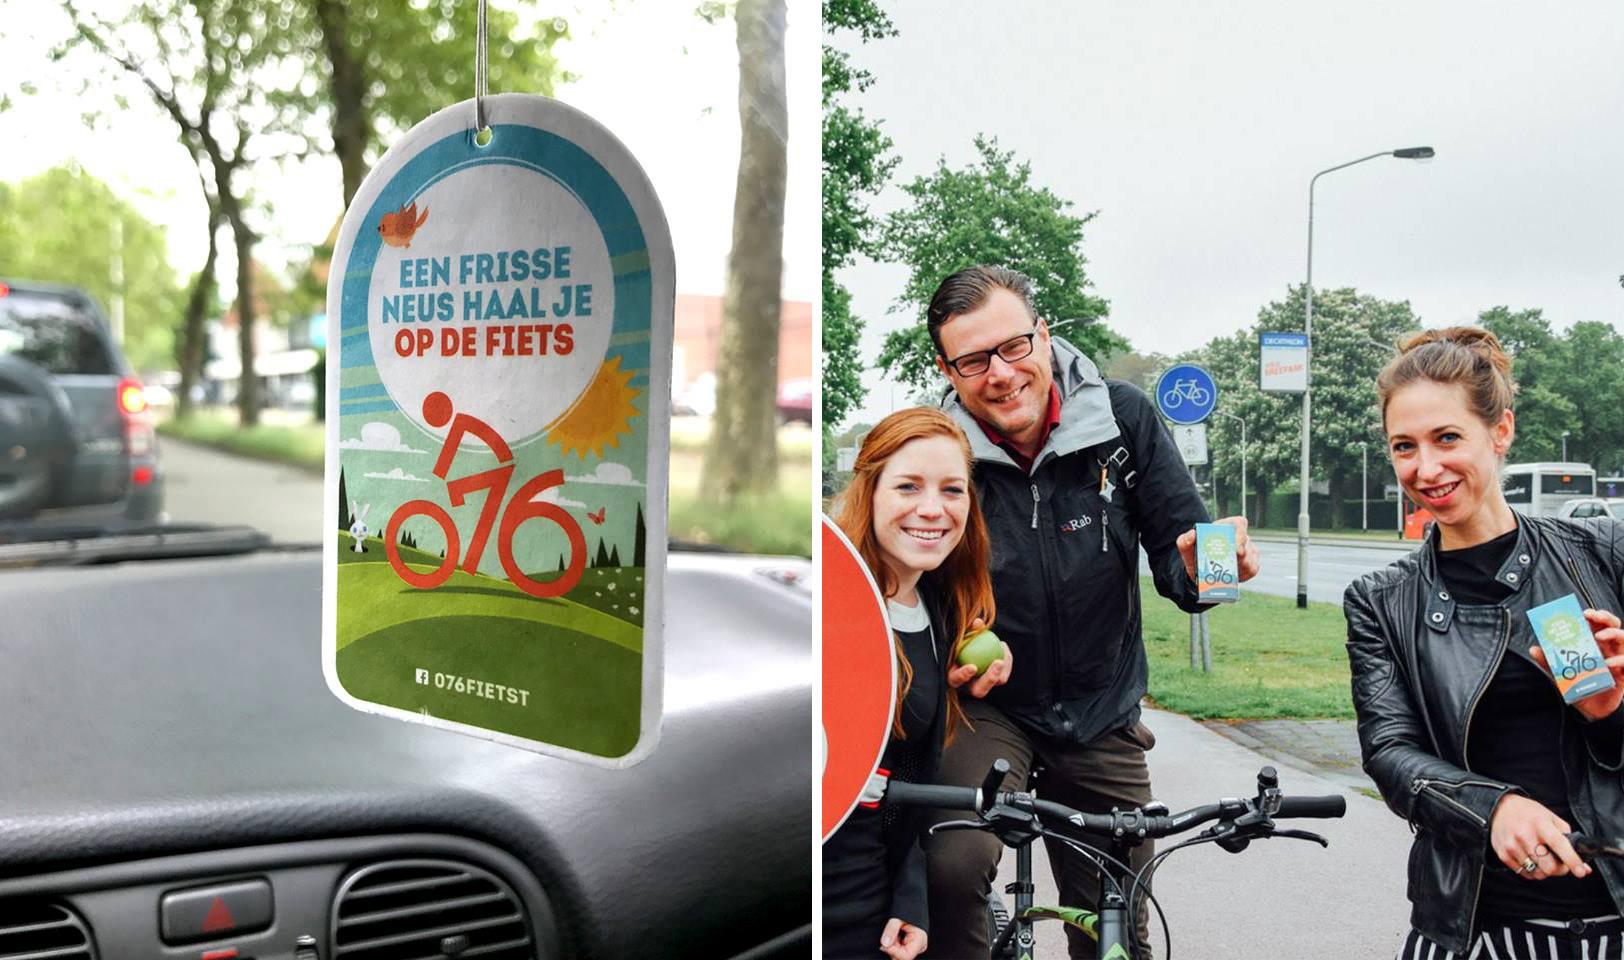 Gemeente Breda 076 fietst give away